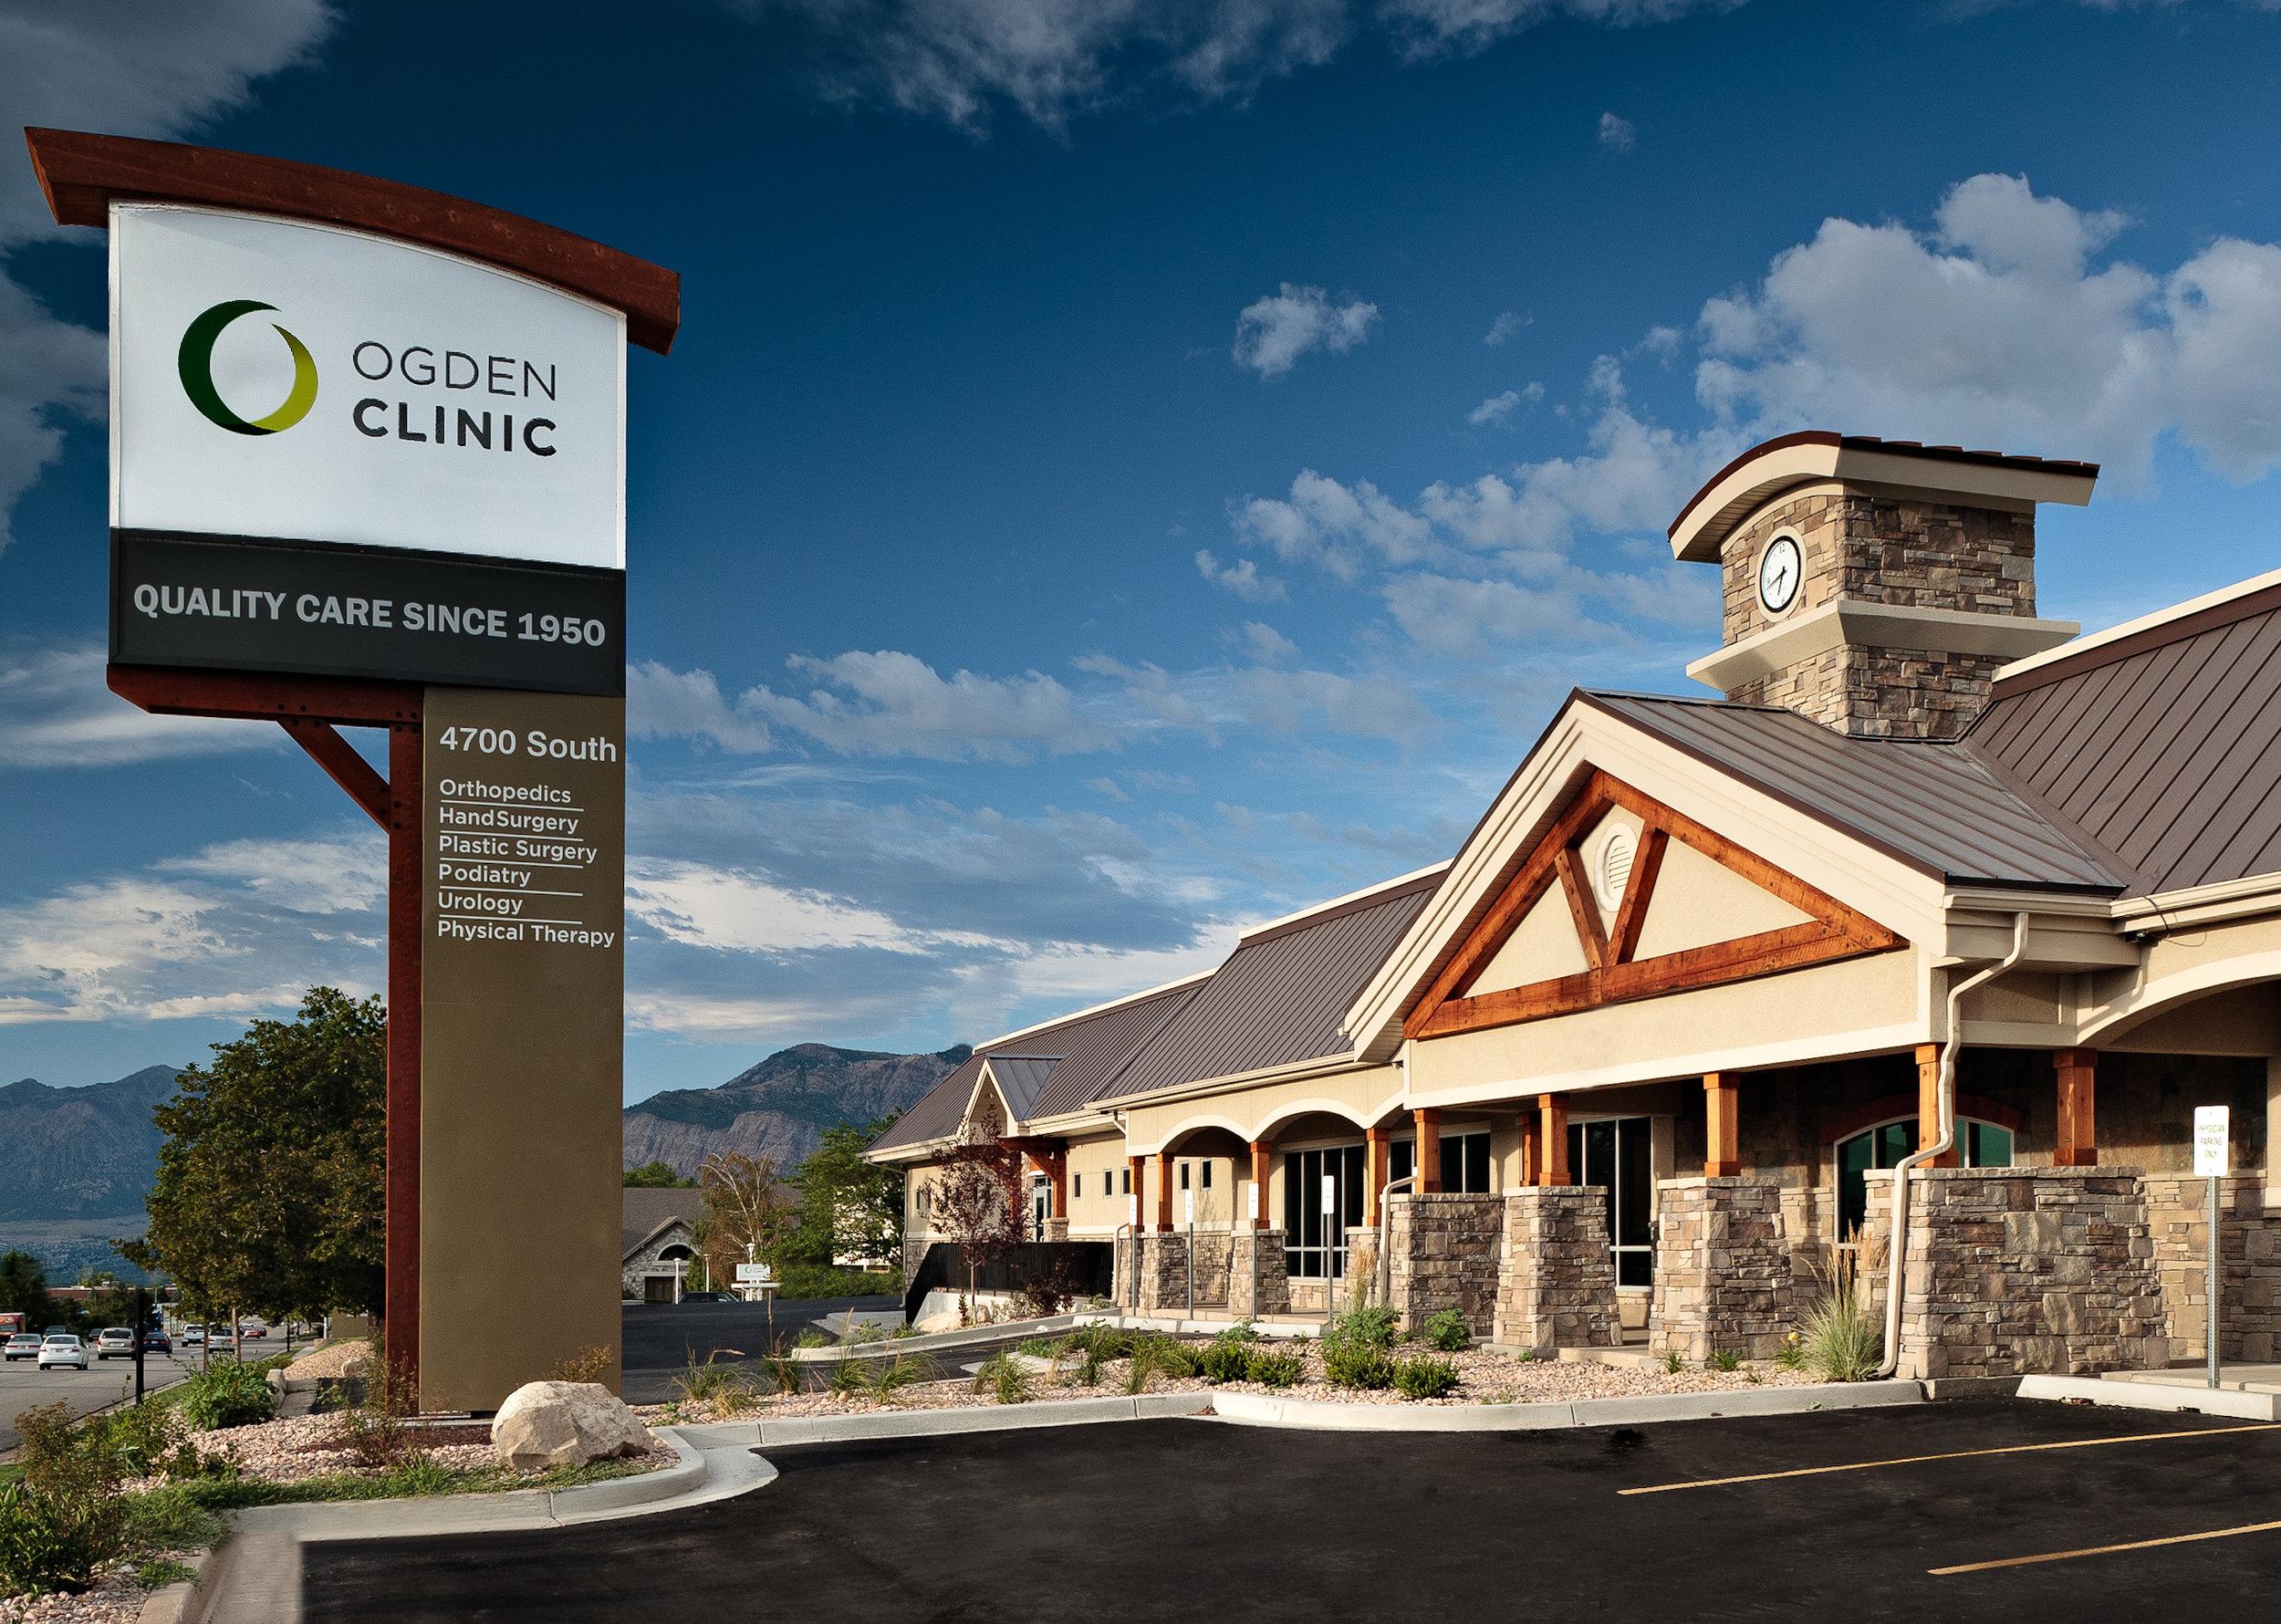 Ogden Clinic2.jpg